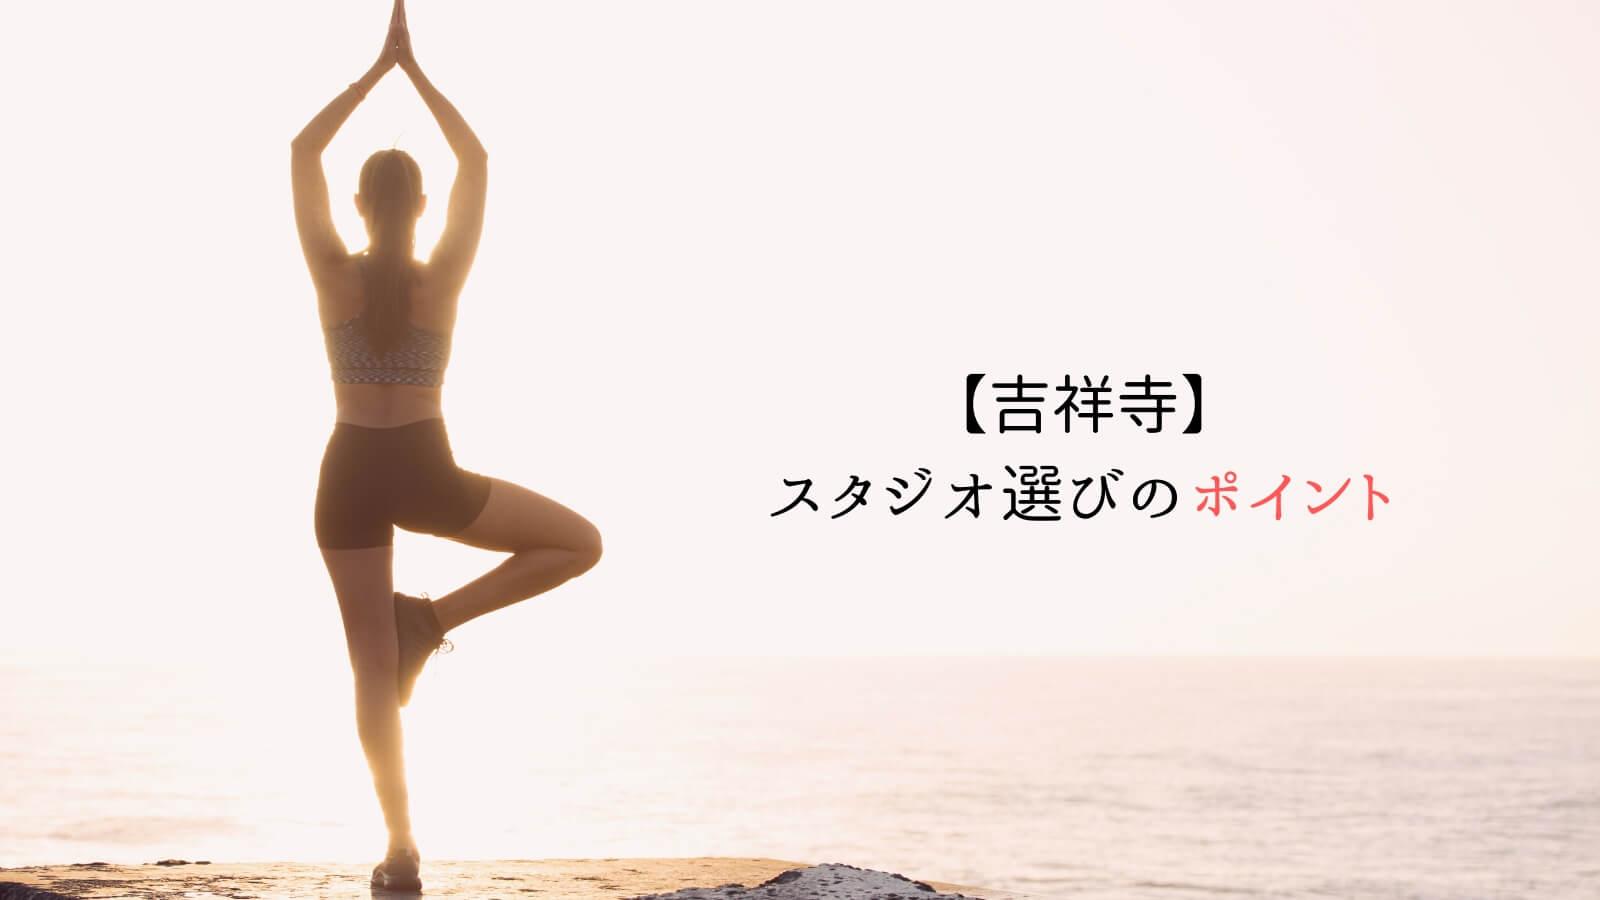 吉祥寺のヨガ・ホットヨガスタジオ選びのポイント